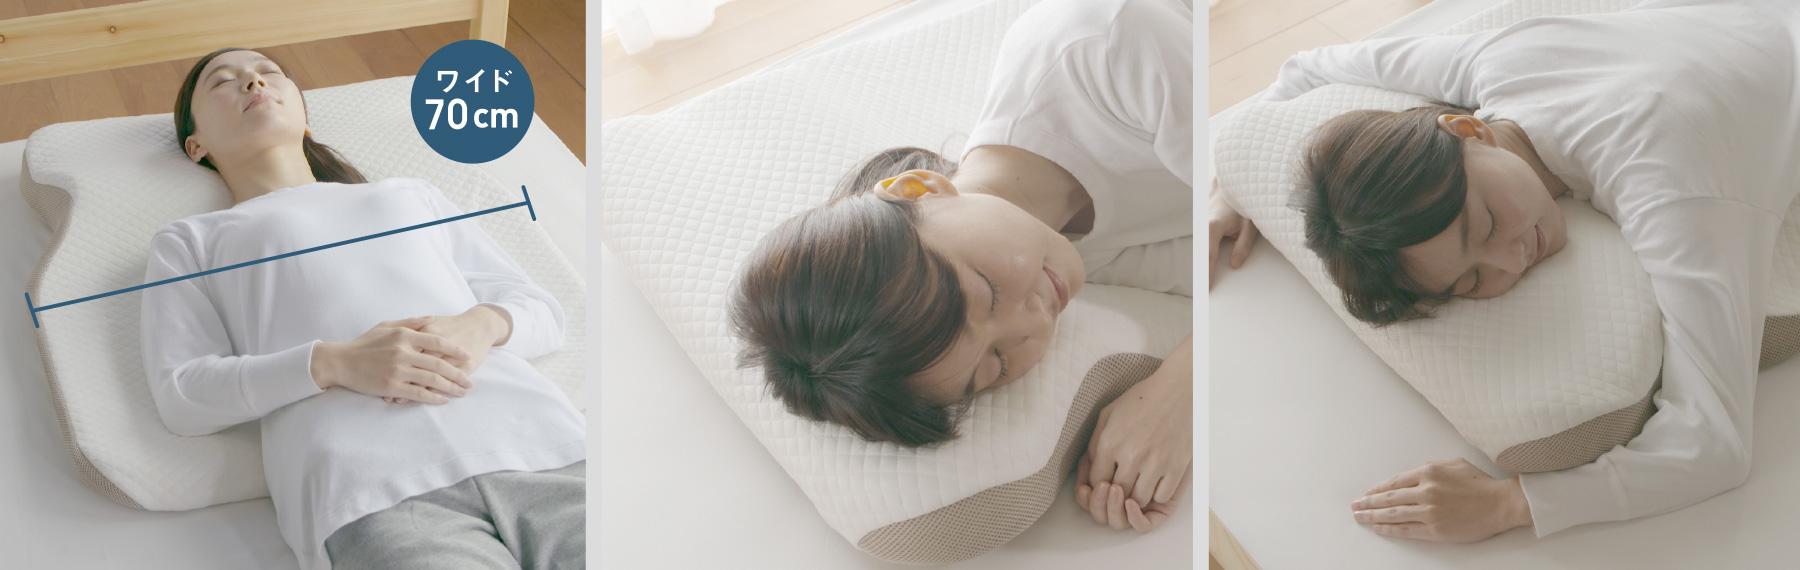 POINT ワイド70cmの幅広設計で寝返りしやすく横向き寝やうつ伏せ寝でもご使用いただけます。